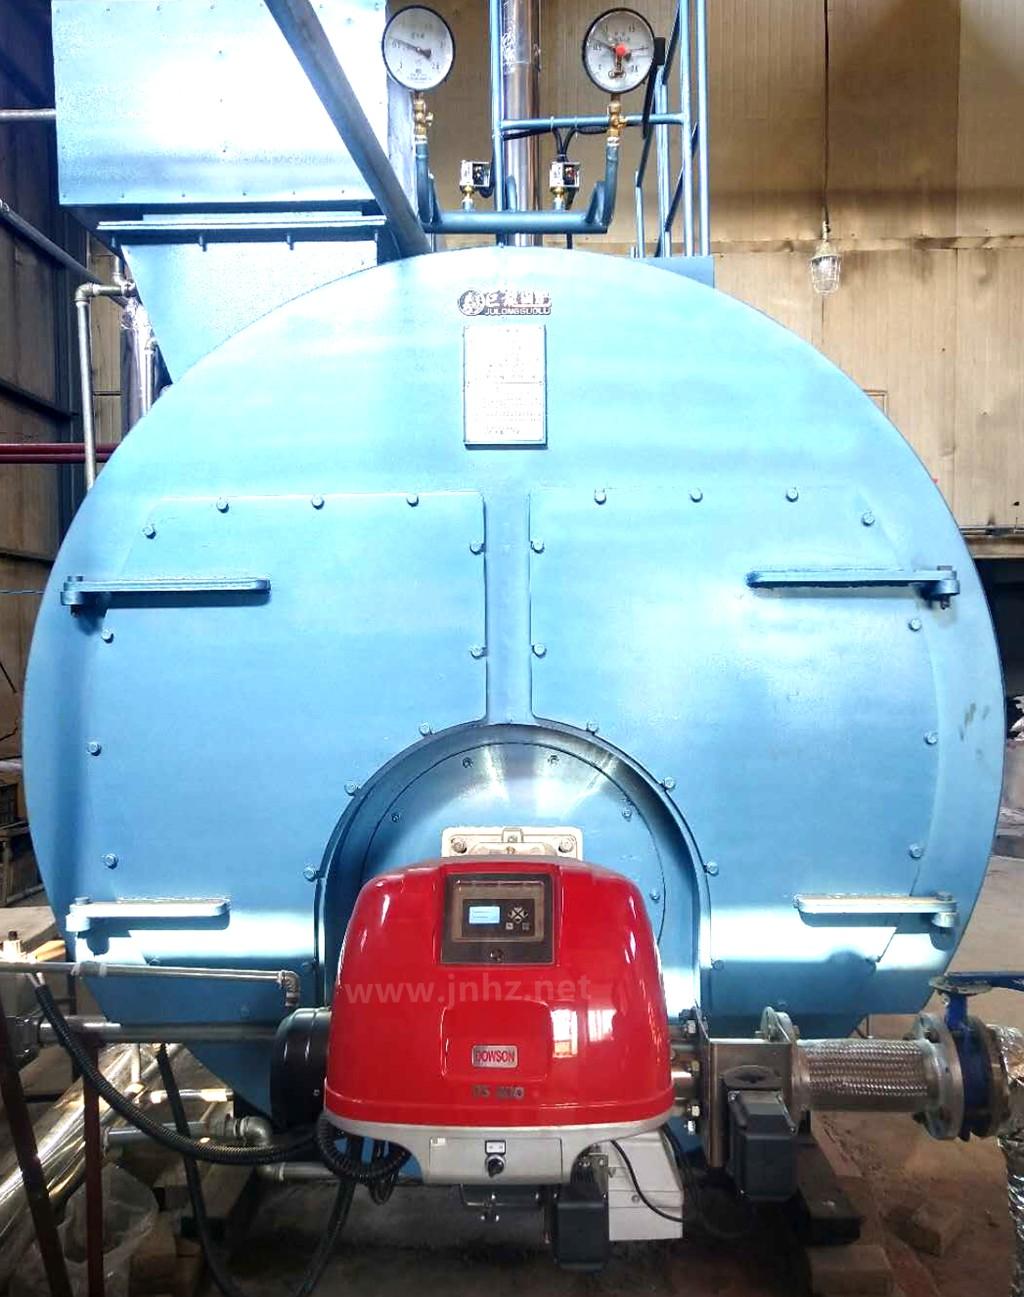 2吨蒸汽锅炉配DOWSON道森(DS200/E FGR)低氮燃烧器,济南莱芜案例